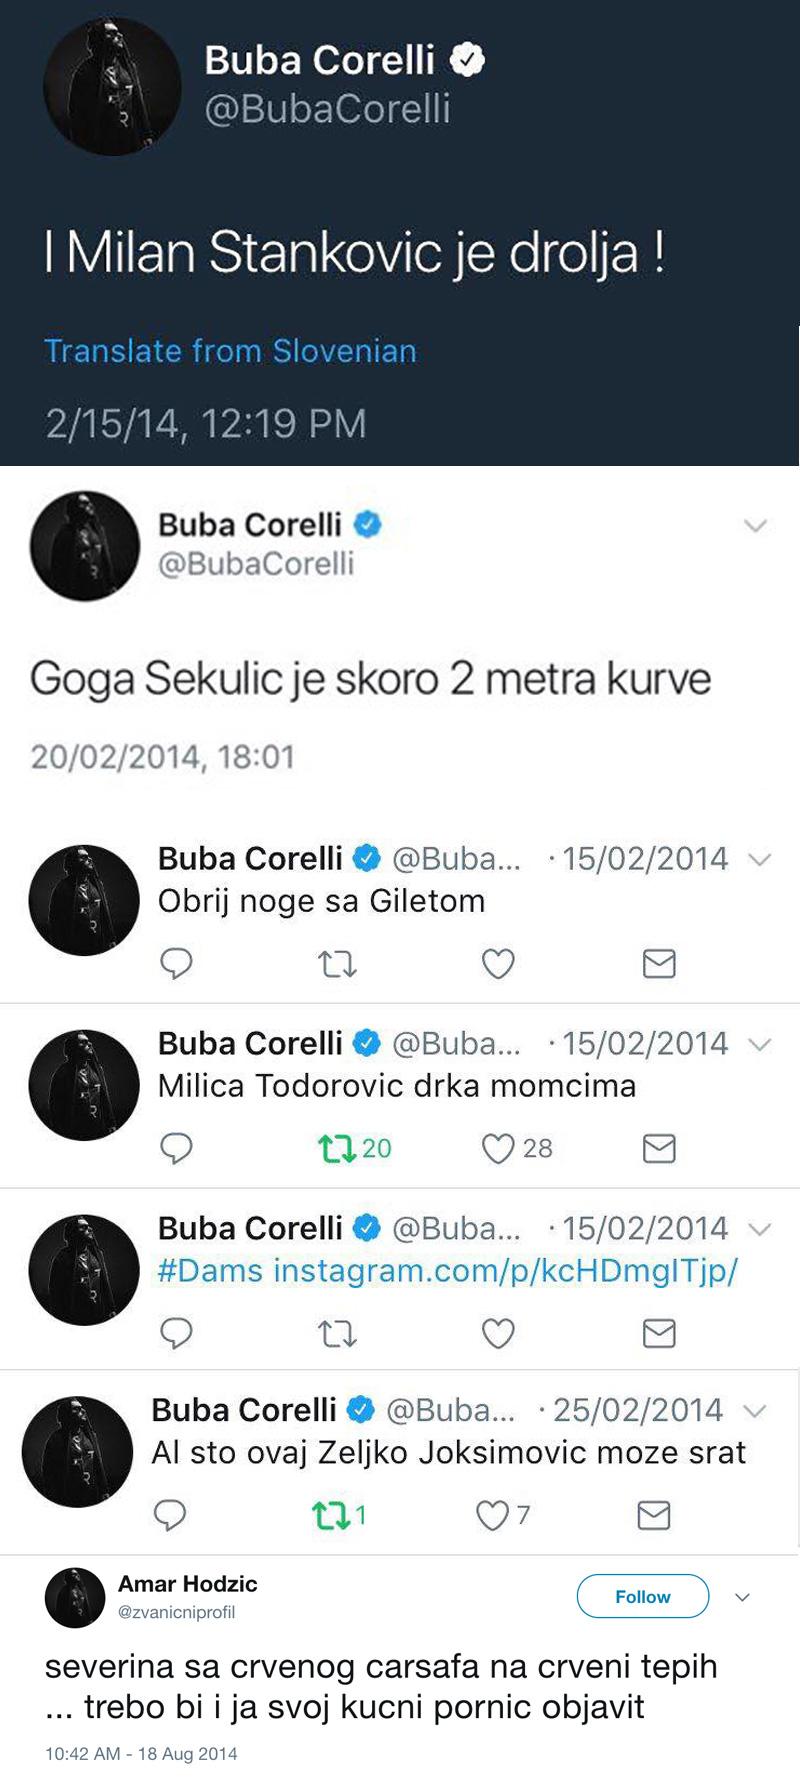 Buba Corelli obrisao Twitter nakon što su otkrivene uvrede na račun kolega